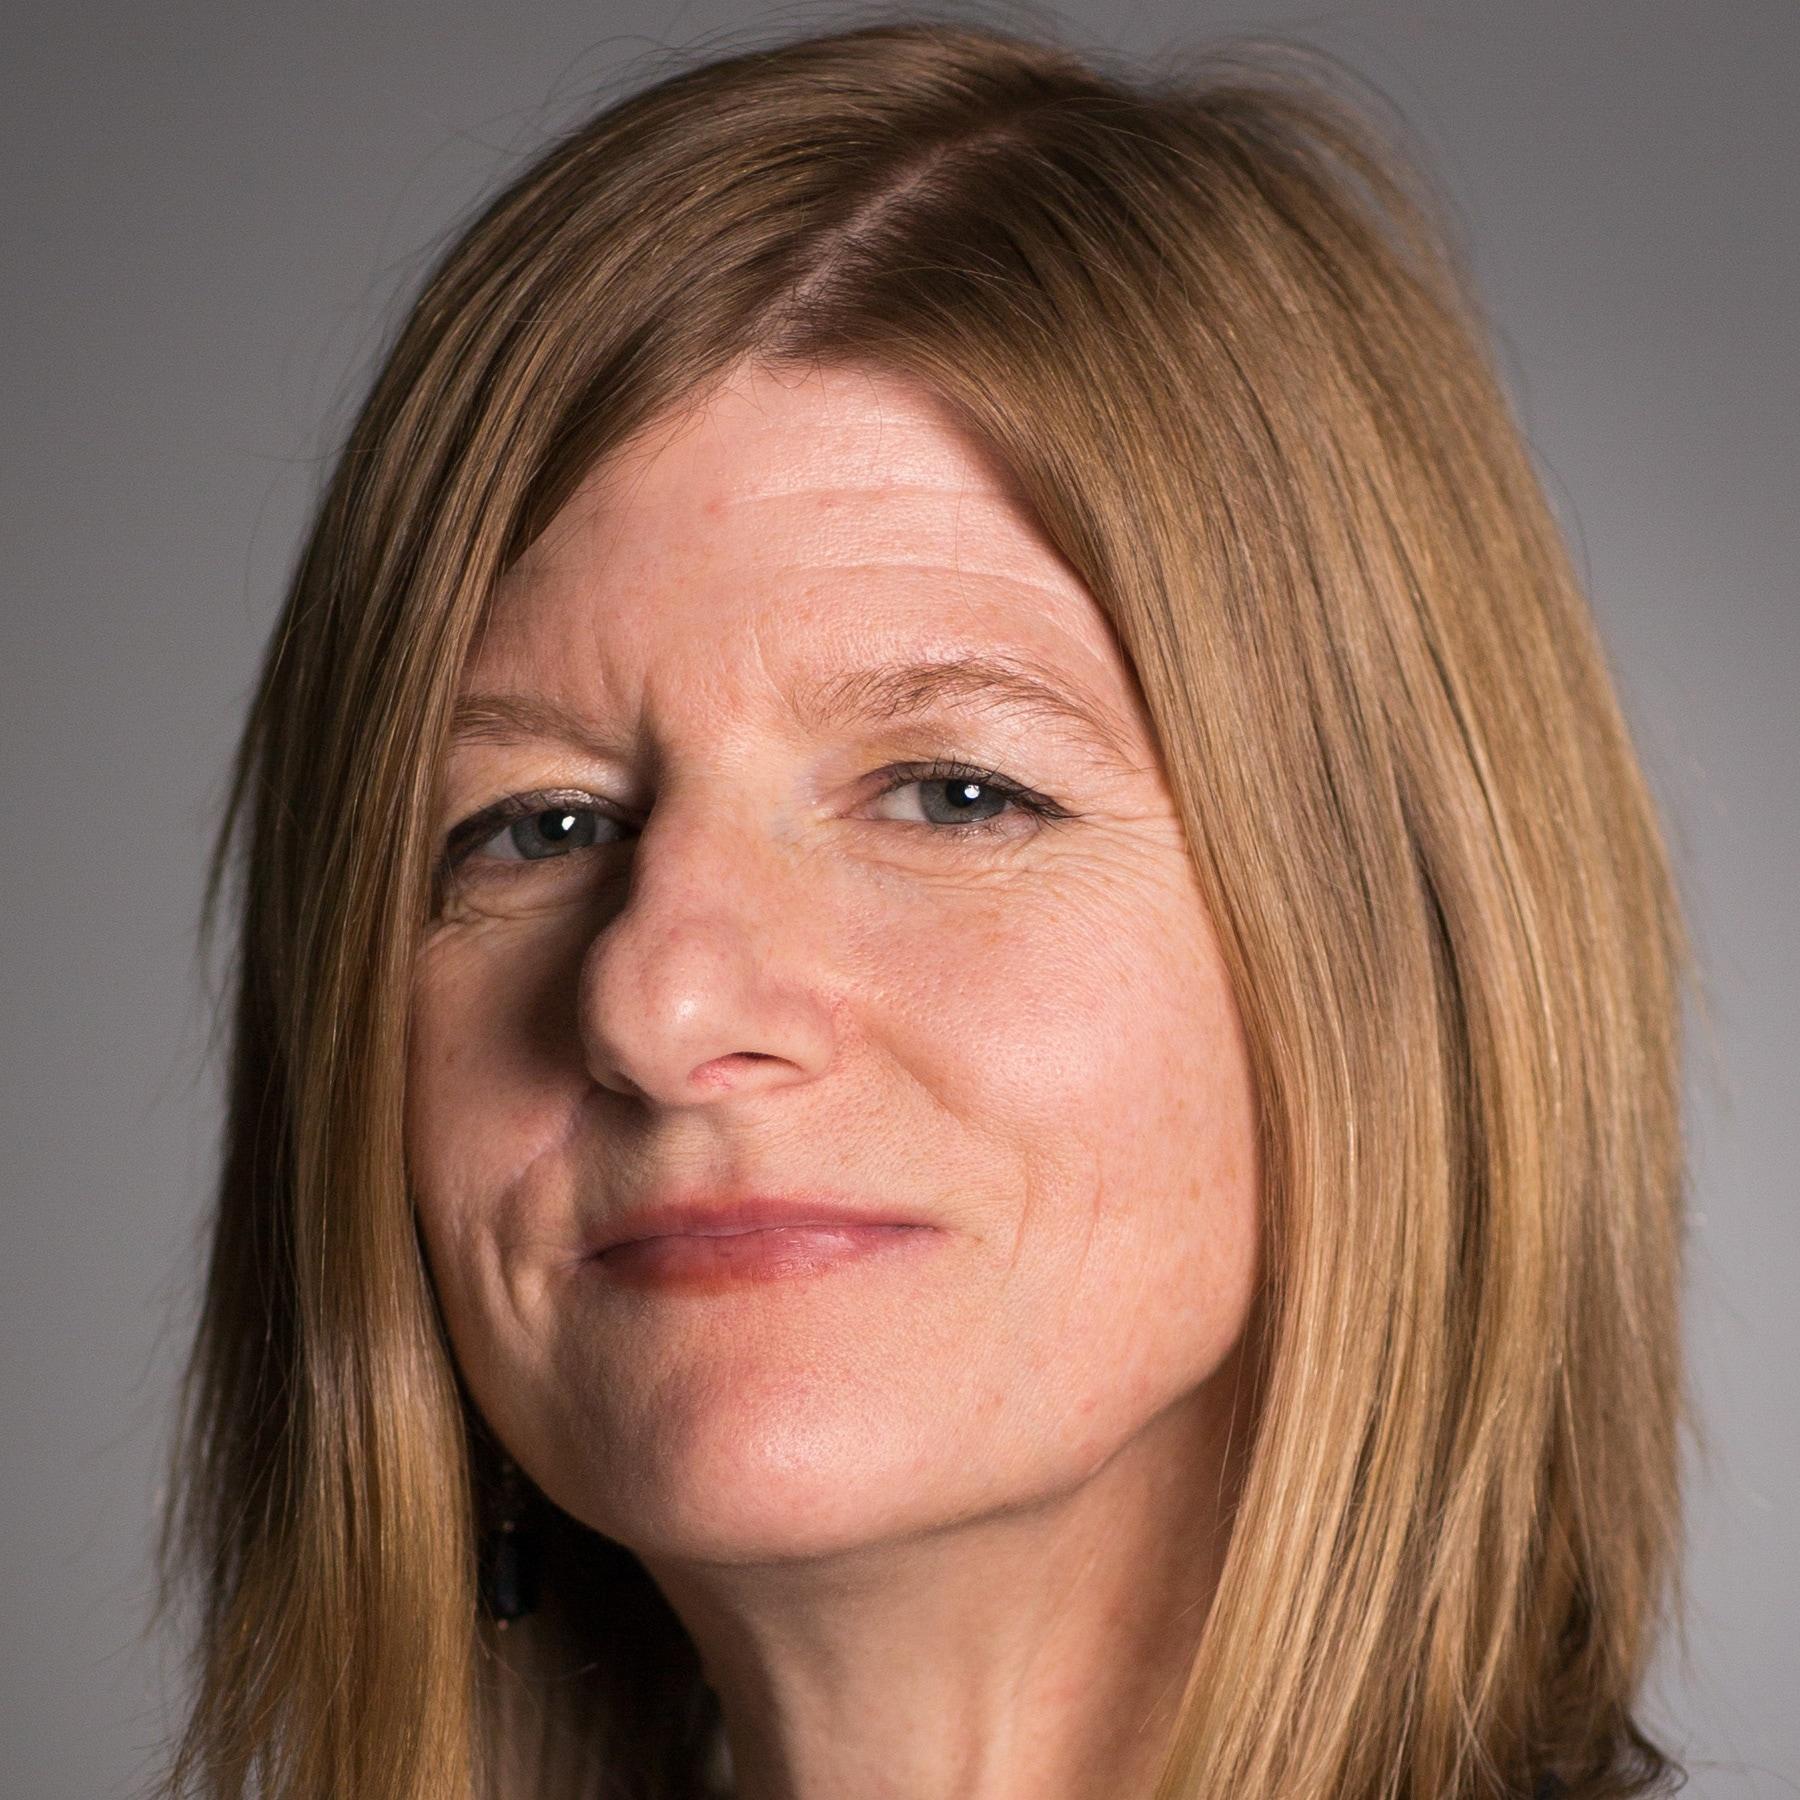 Danielle Kriz